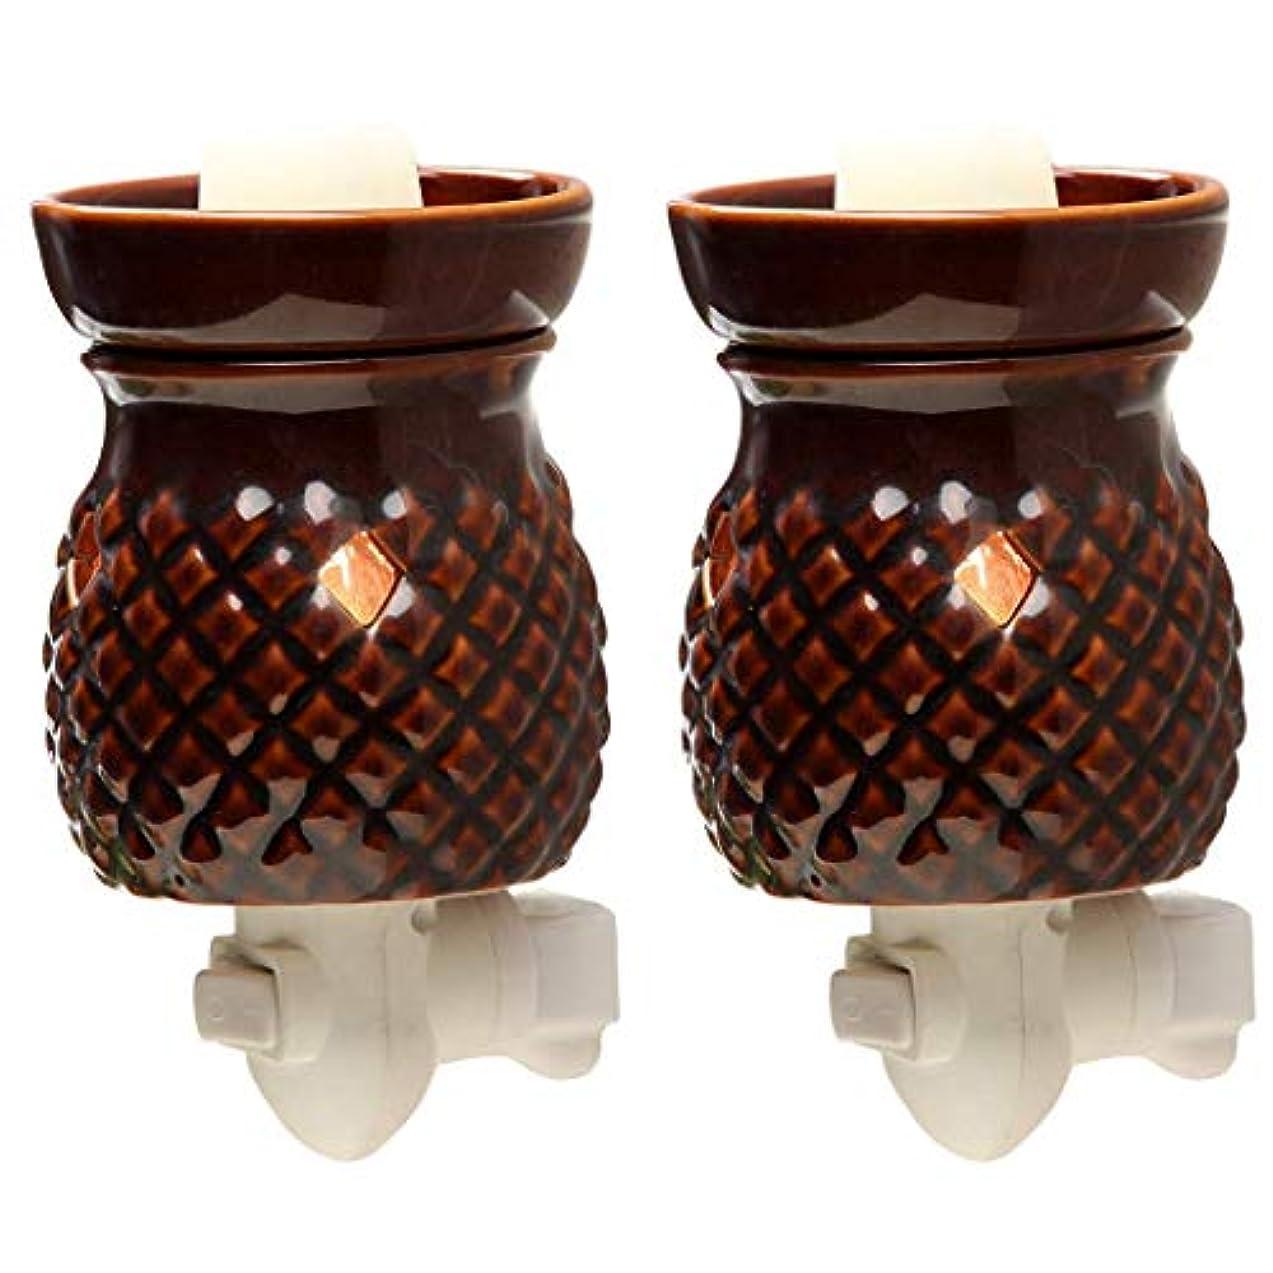 メーターポインタ国歌Hosley 2個セット 高さ5.3インチ レッド セラミック 電気ワックス ウォーマー 結婚式 スパ アロマテラピーに最適 ブランド ワックスメルトとキューブ エッセンシャルオイルとフレグランスオイル W1